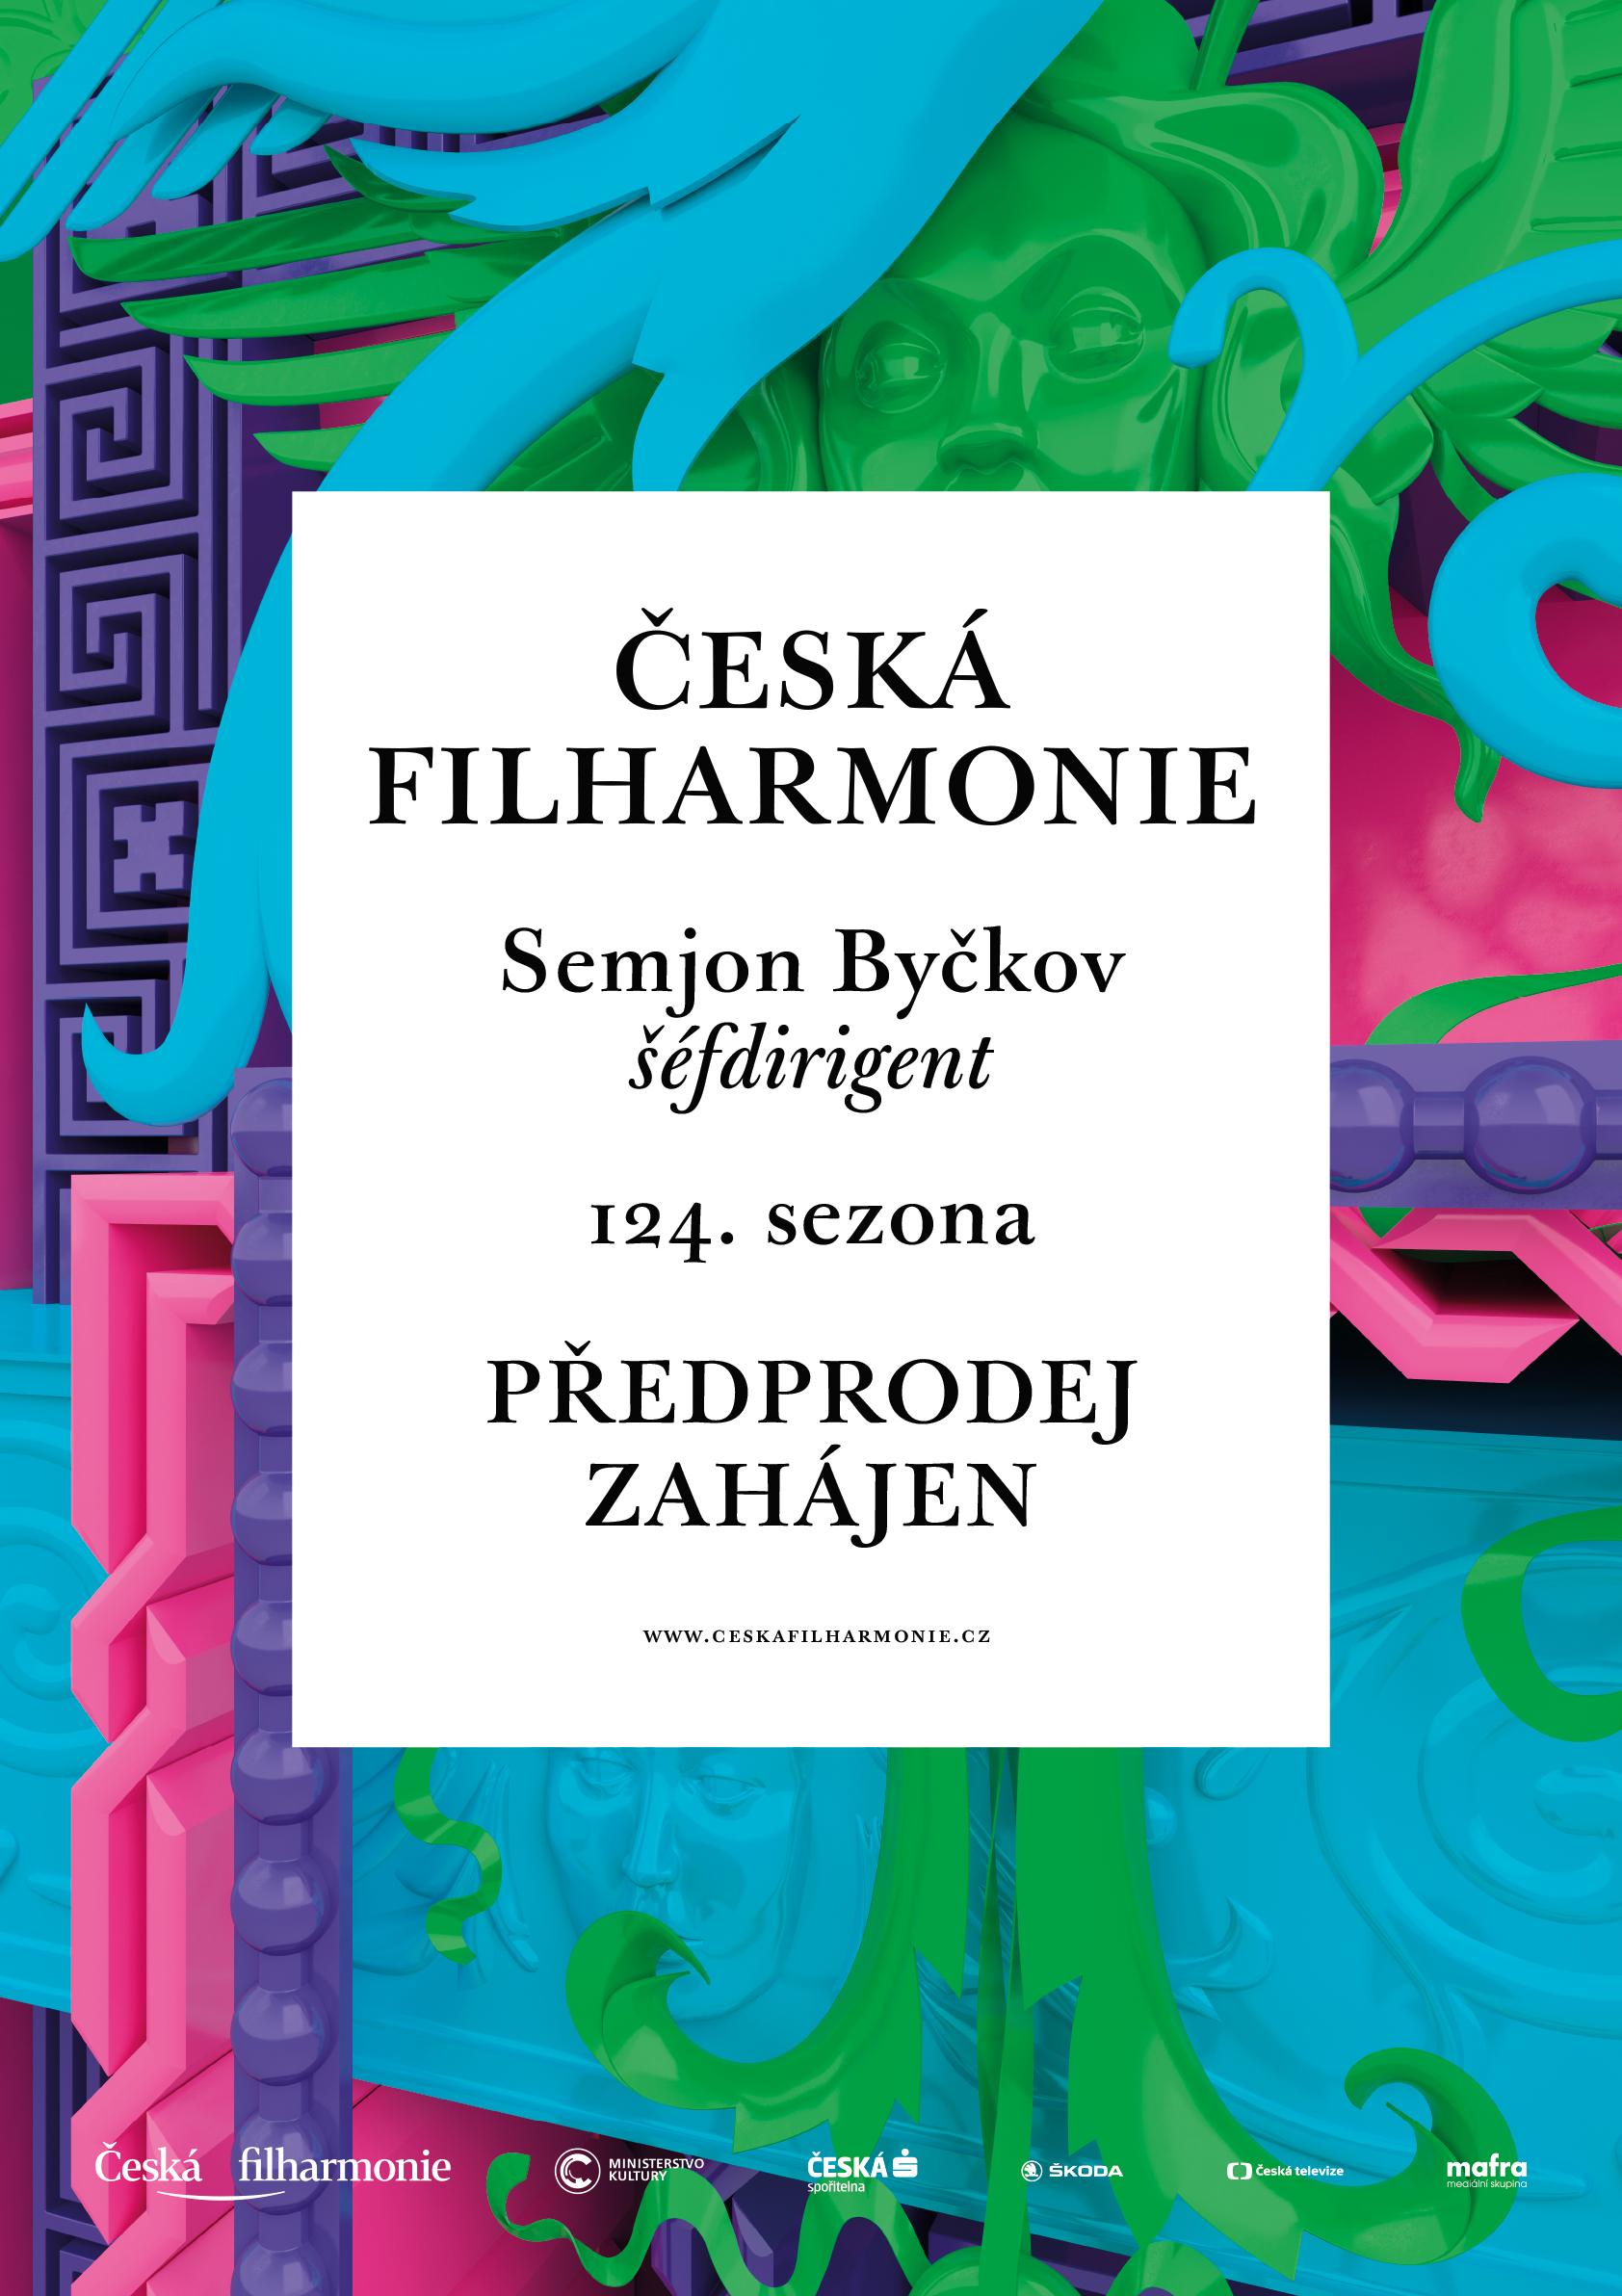 Česká filharmonie 2019/2020